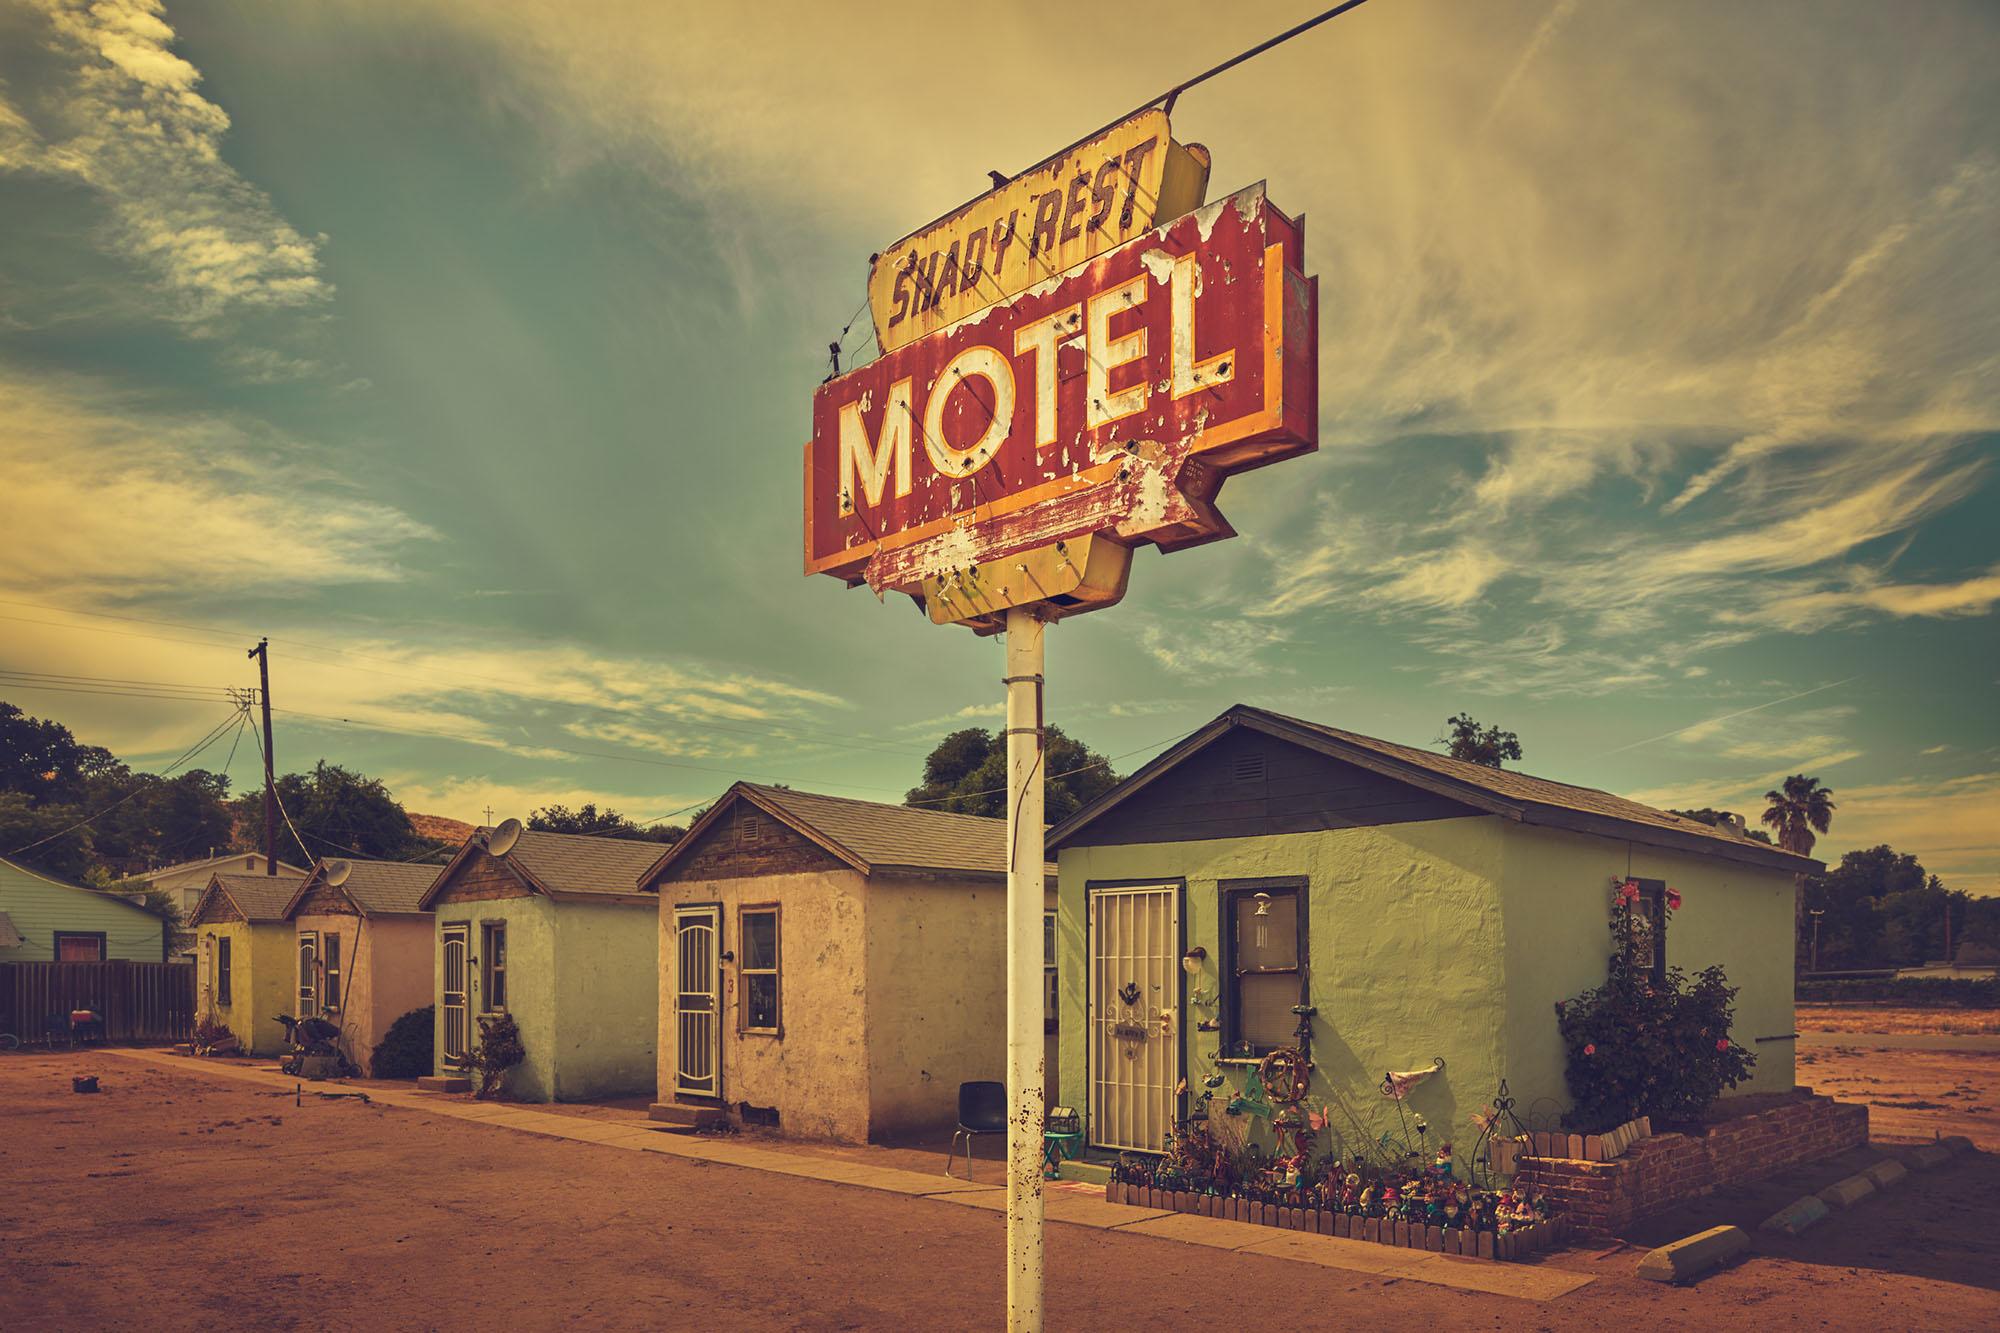 Shady Rest Motel, San Miguel, Ca.